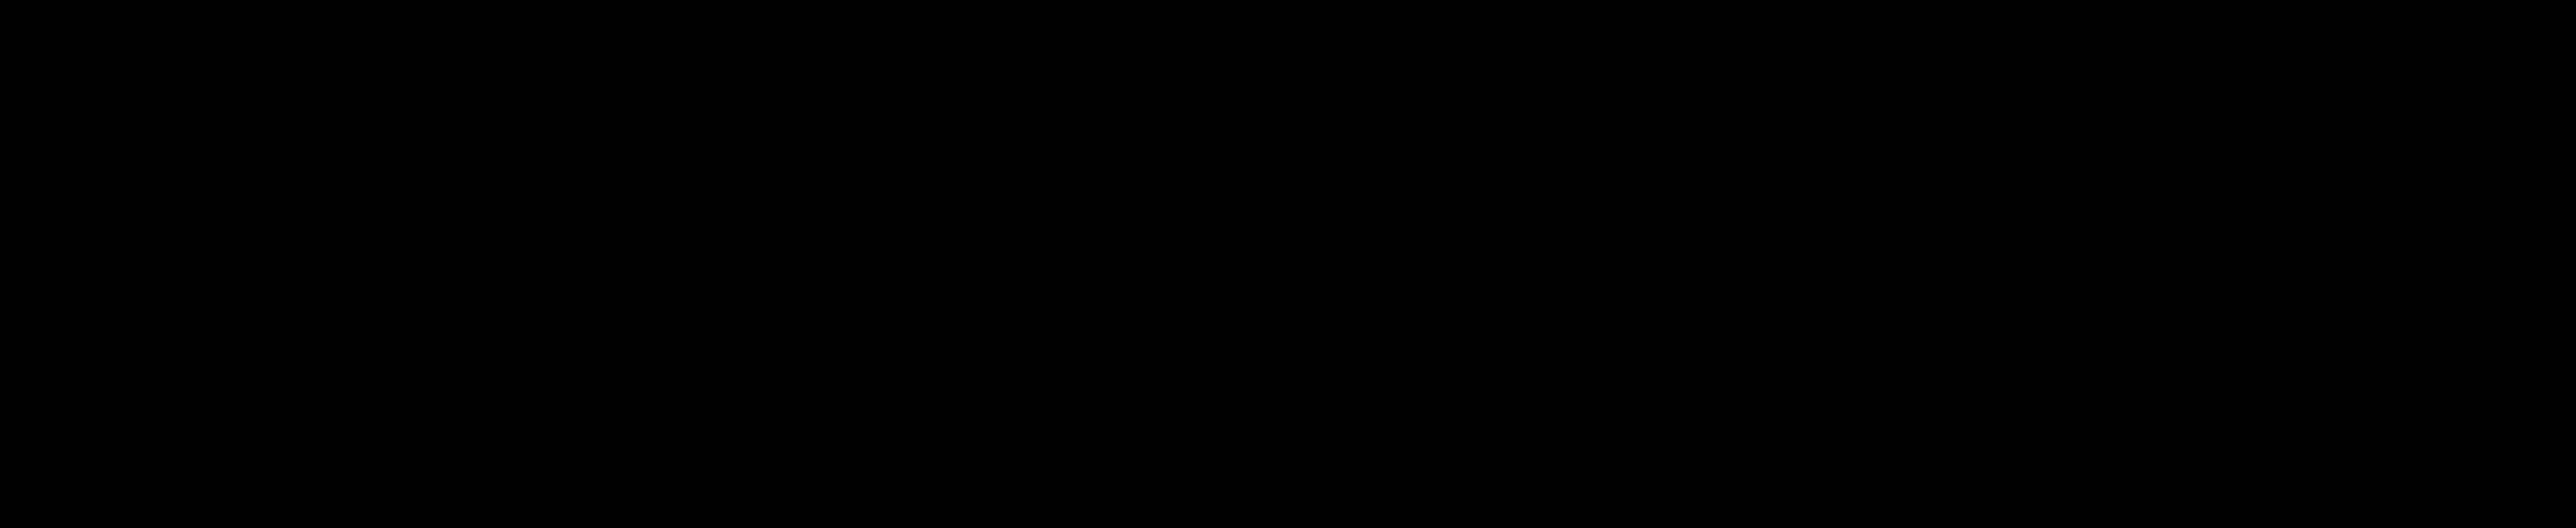 Pfizer-logo-F34348E616-seeklogo.com.png